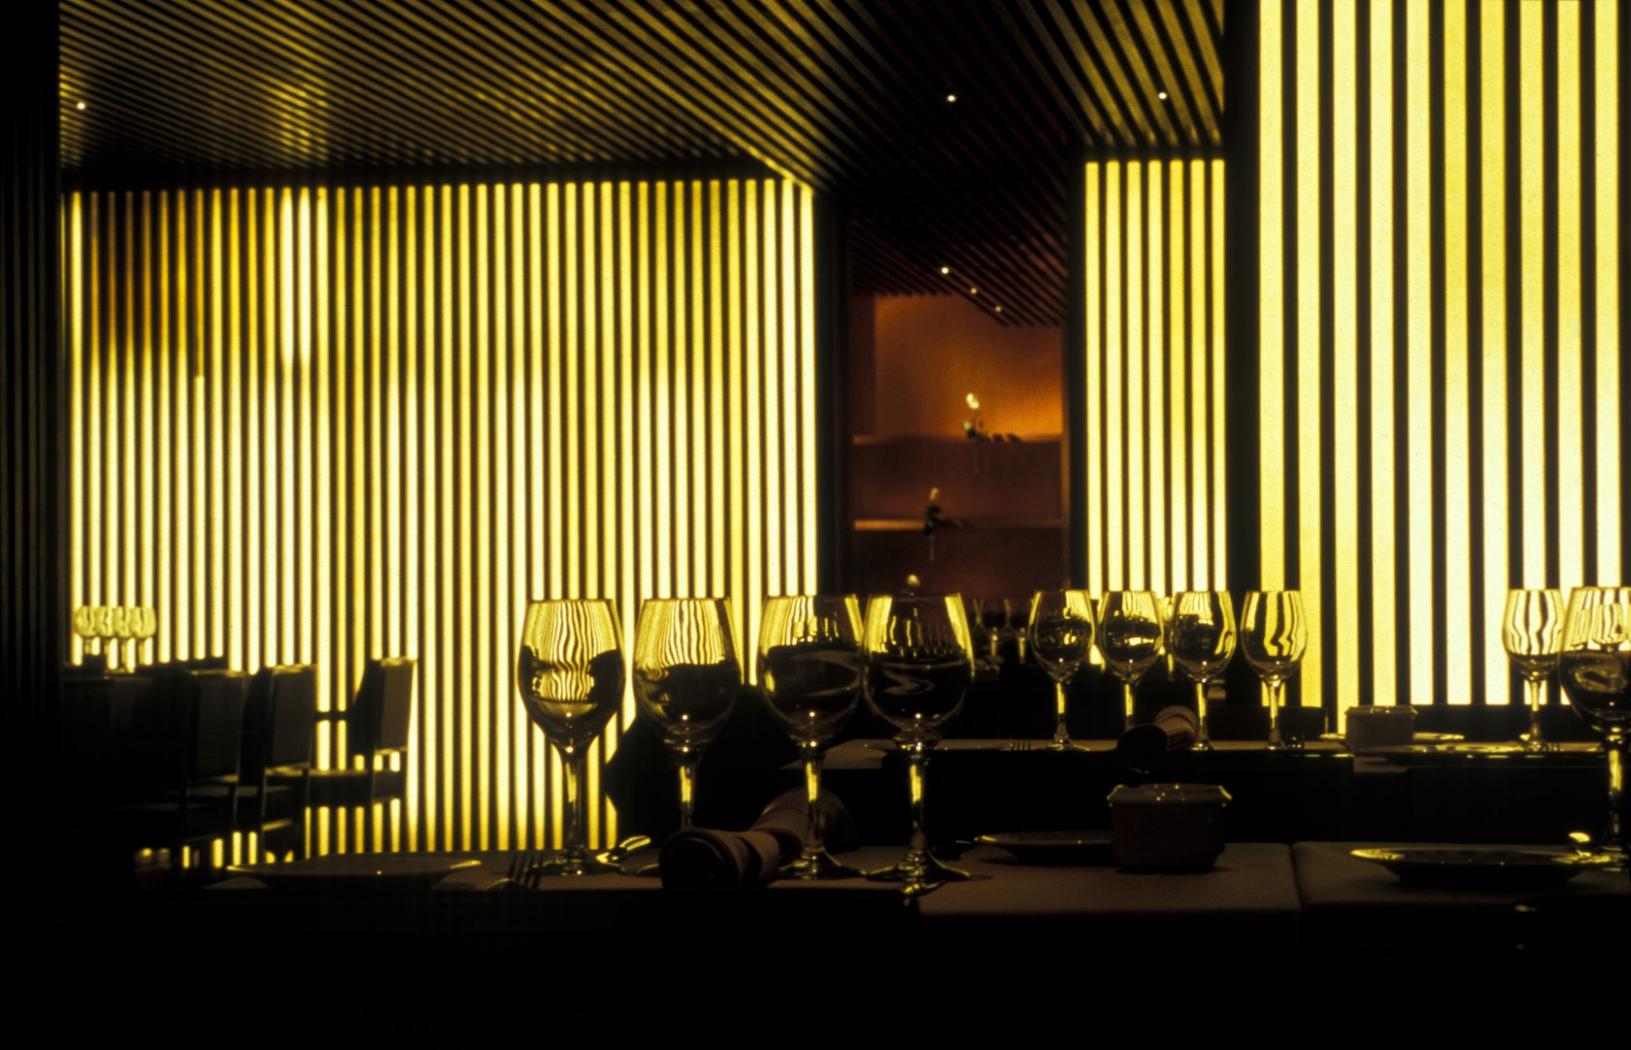 Restaurante attic interiorismo dani freixes varis arquitectes - Restaurante attic barcelona ...